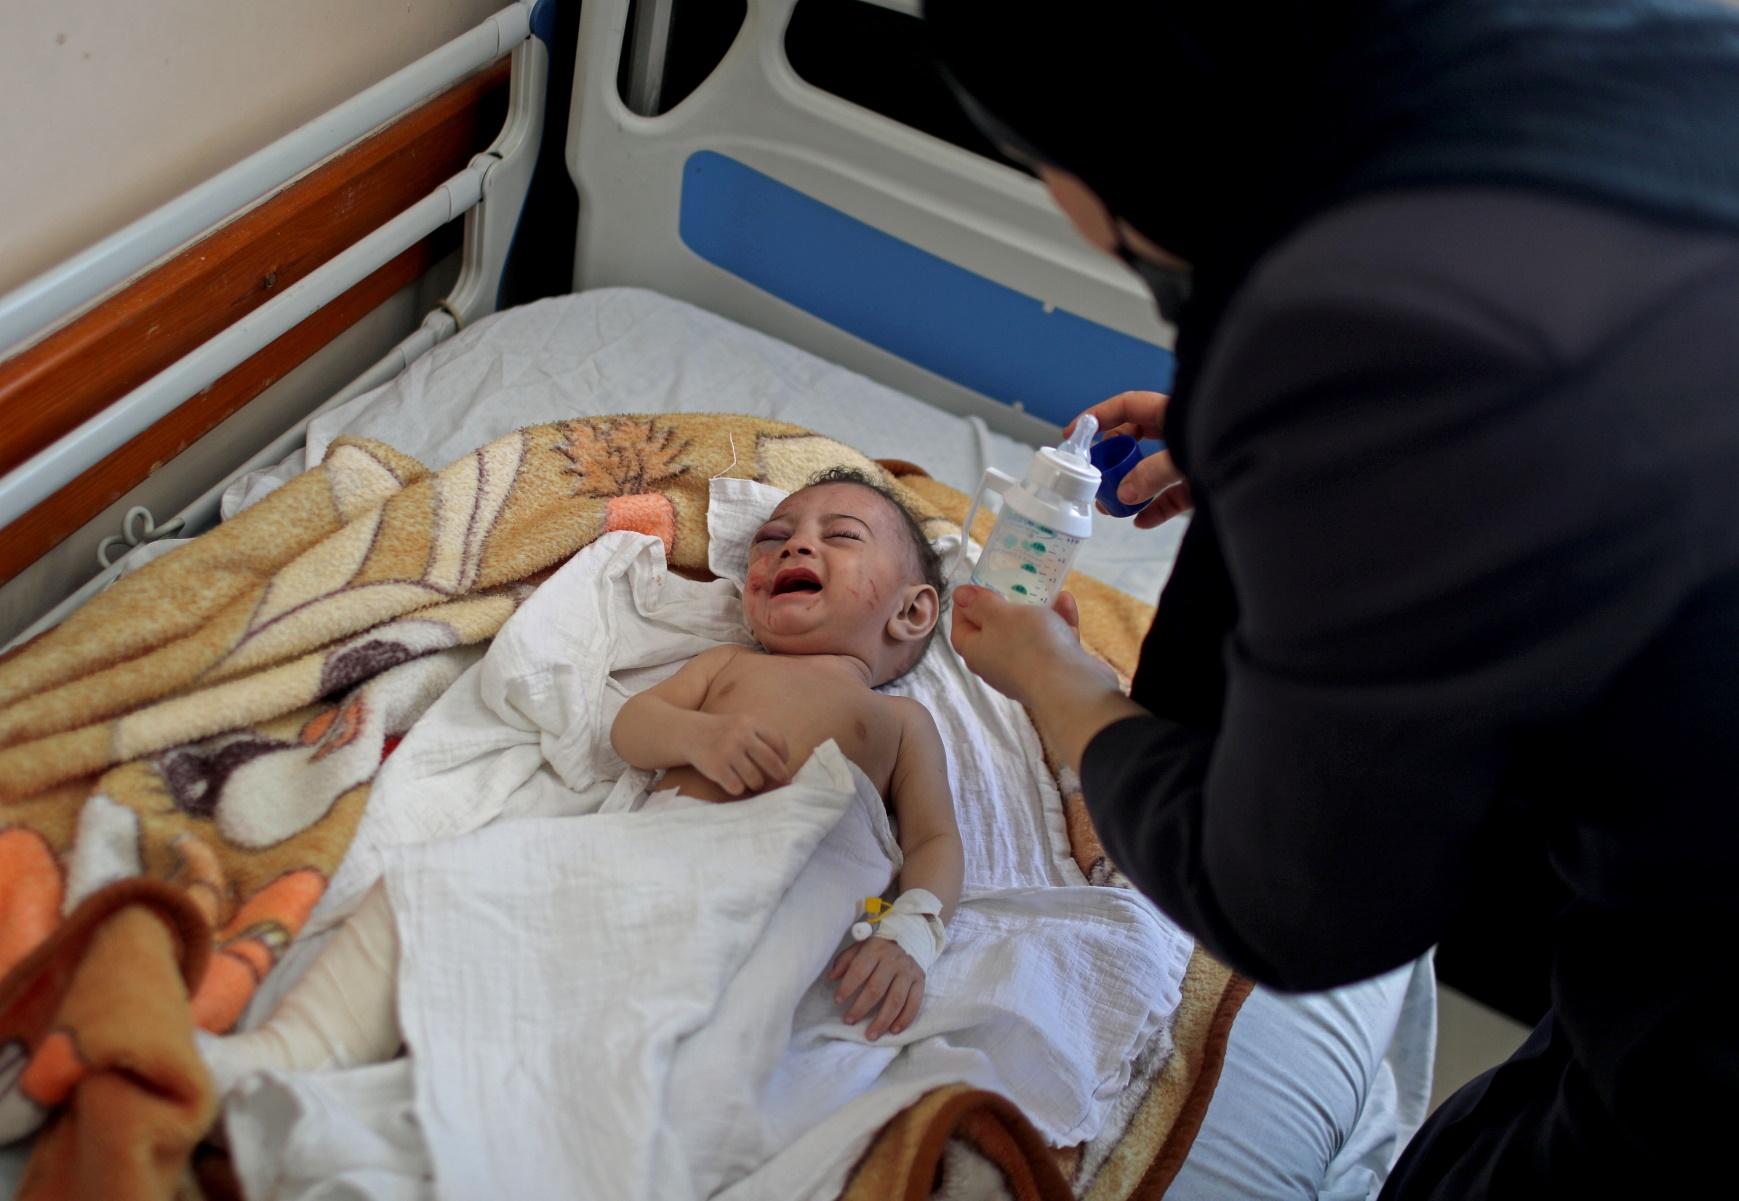 Γάζα: Μωράκι ανασύρθηκε ζωντανό δίπλα από τη σορό της νεκρής μητέρας του (pics, vid)